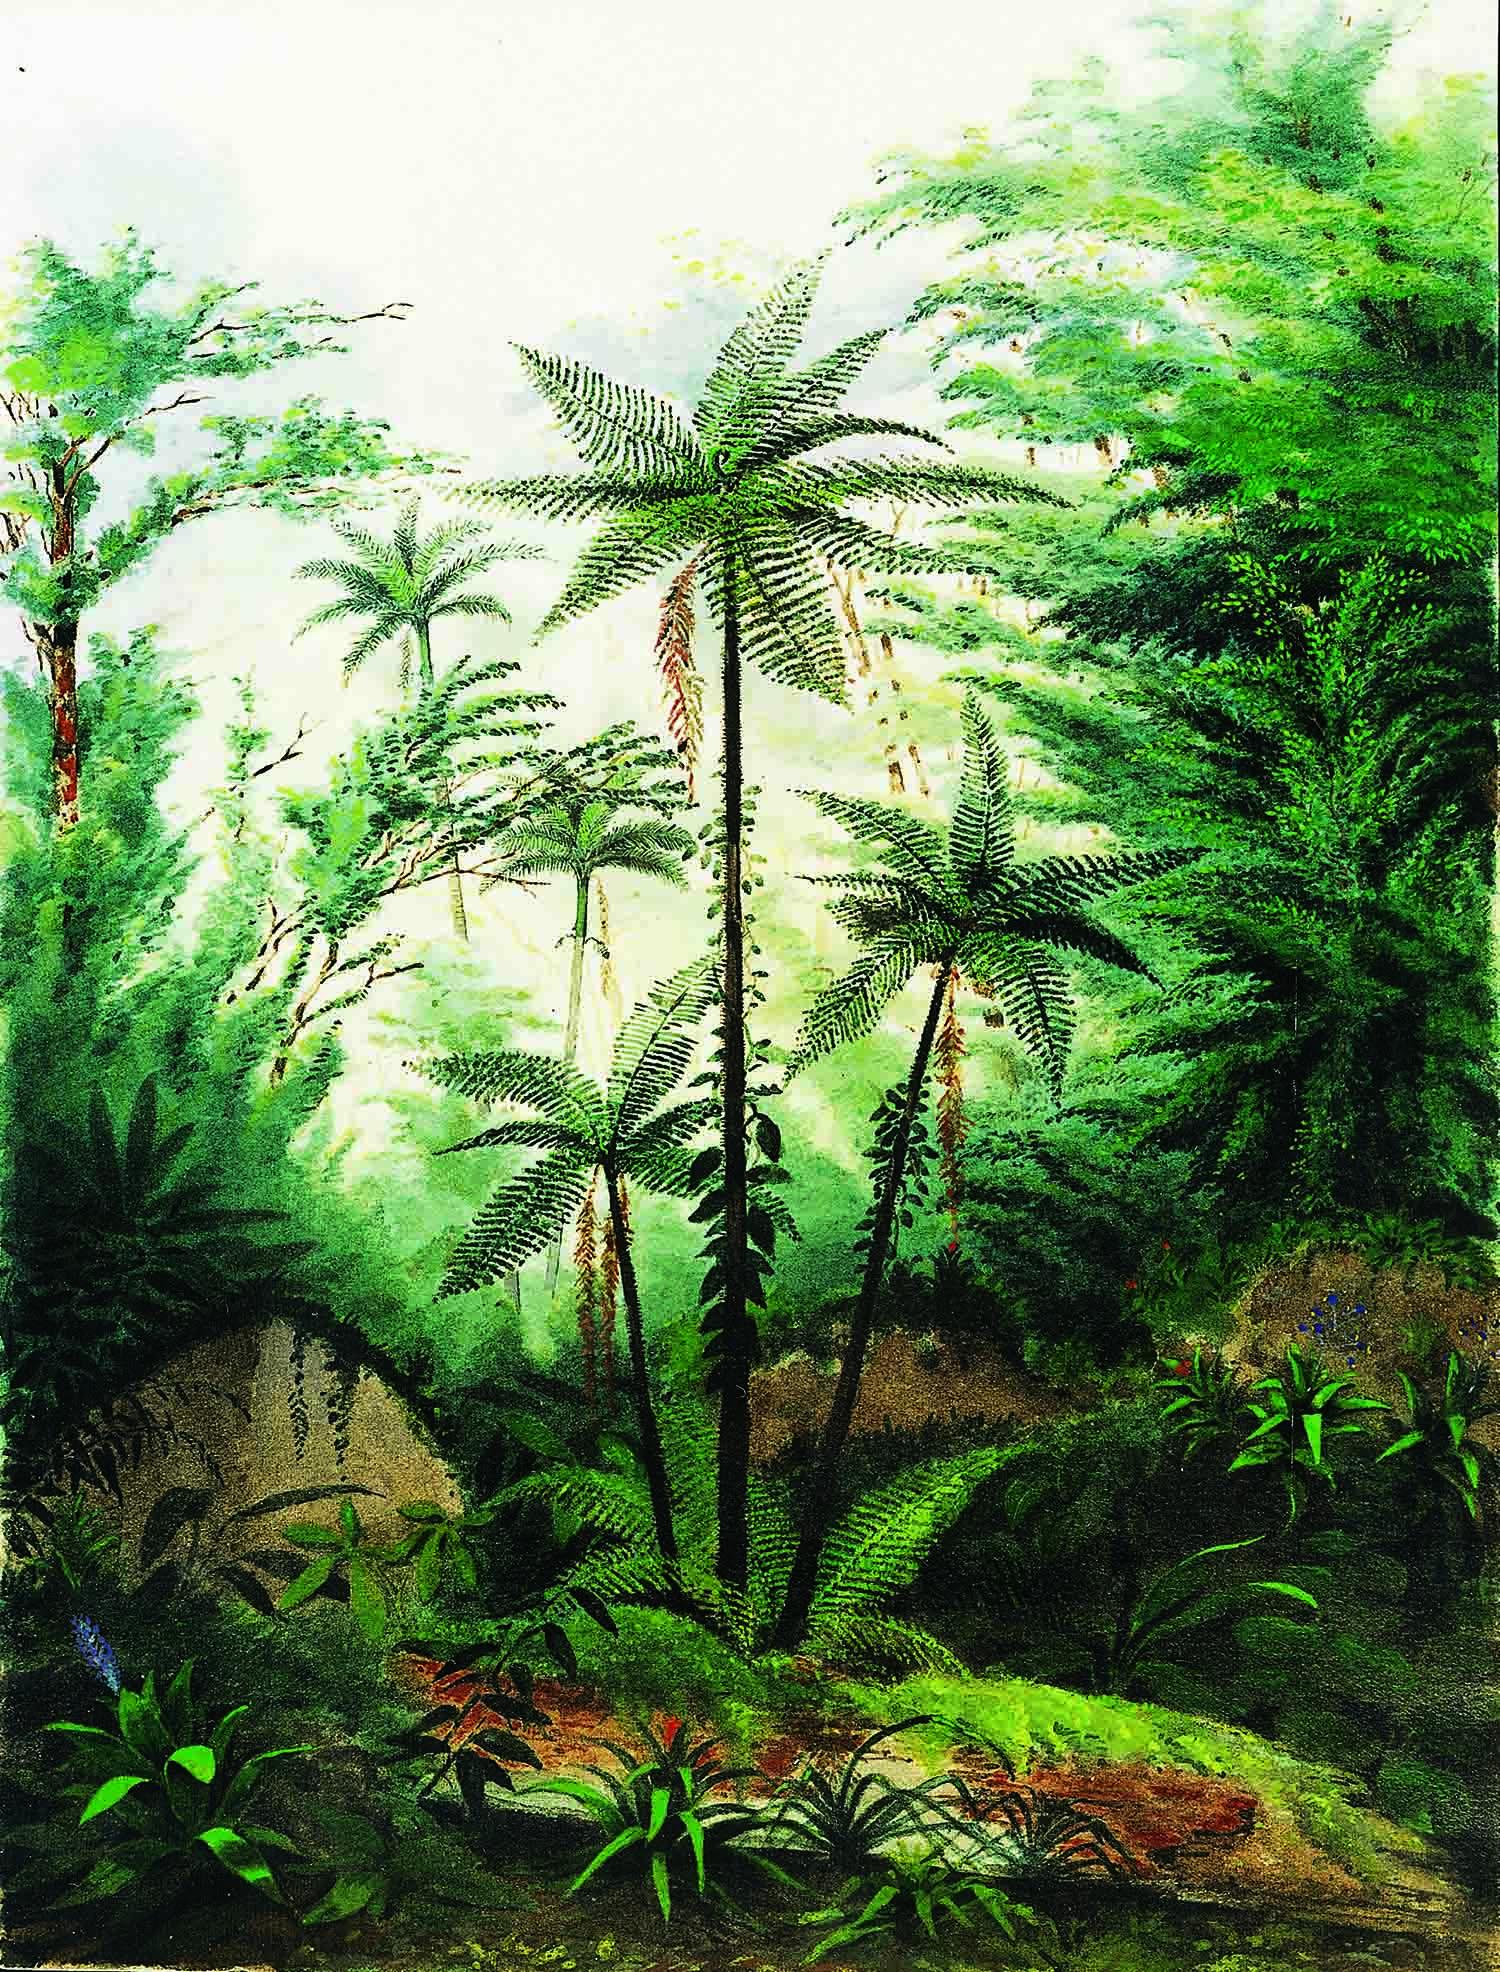 """""""Coin de Forêt avec Fougères Arborescentes"""", aquarela com guache e verniz, por William Michaud, século 19 Acervo Musée Historique Vevey, Suíça"""